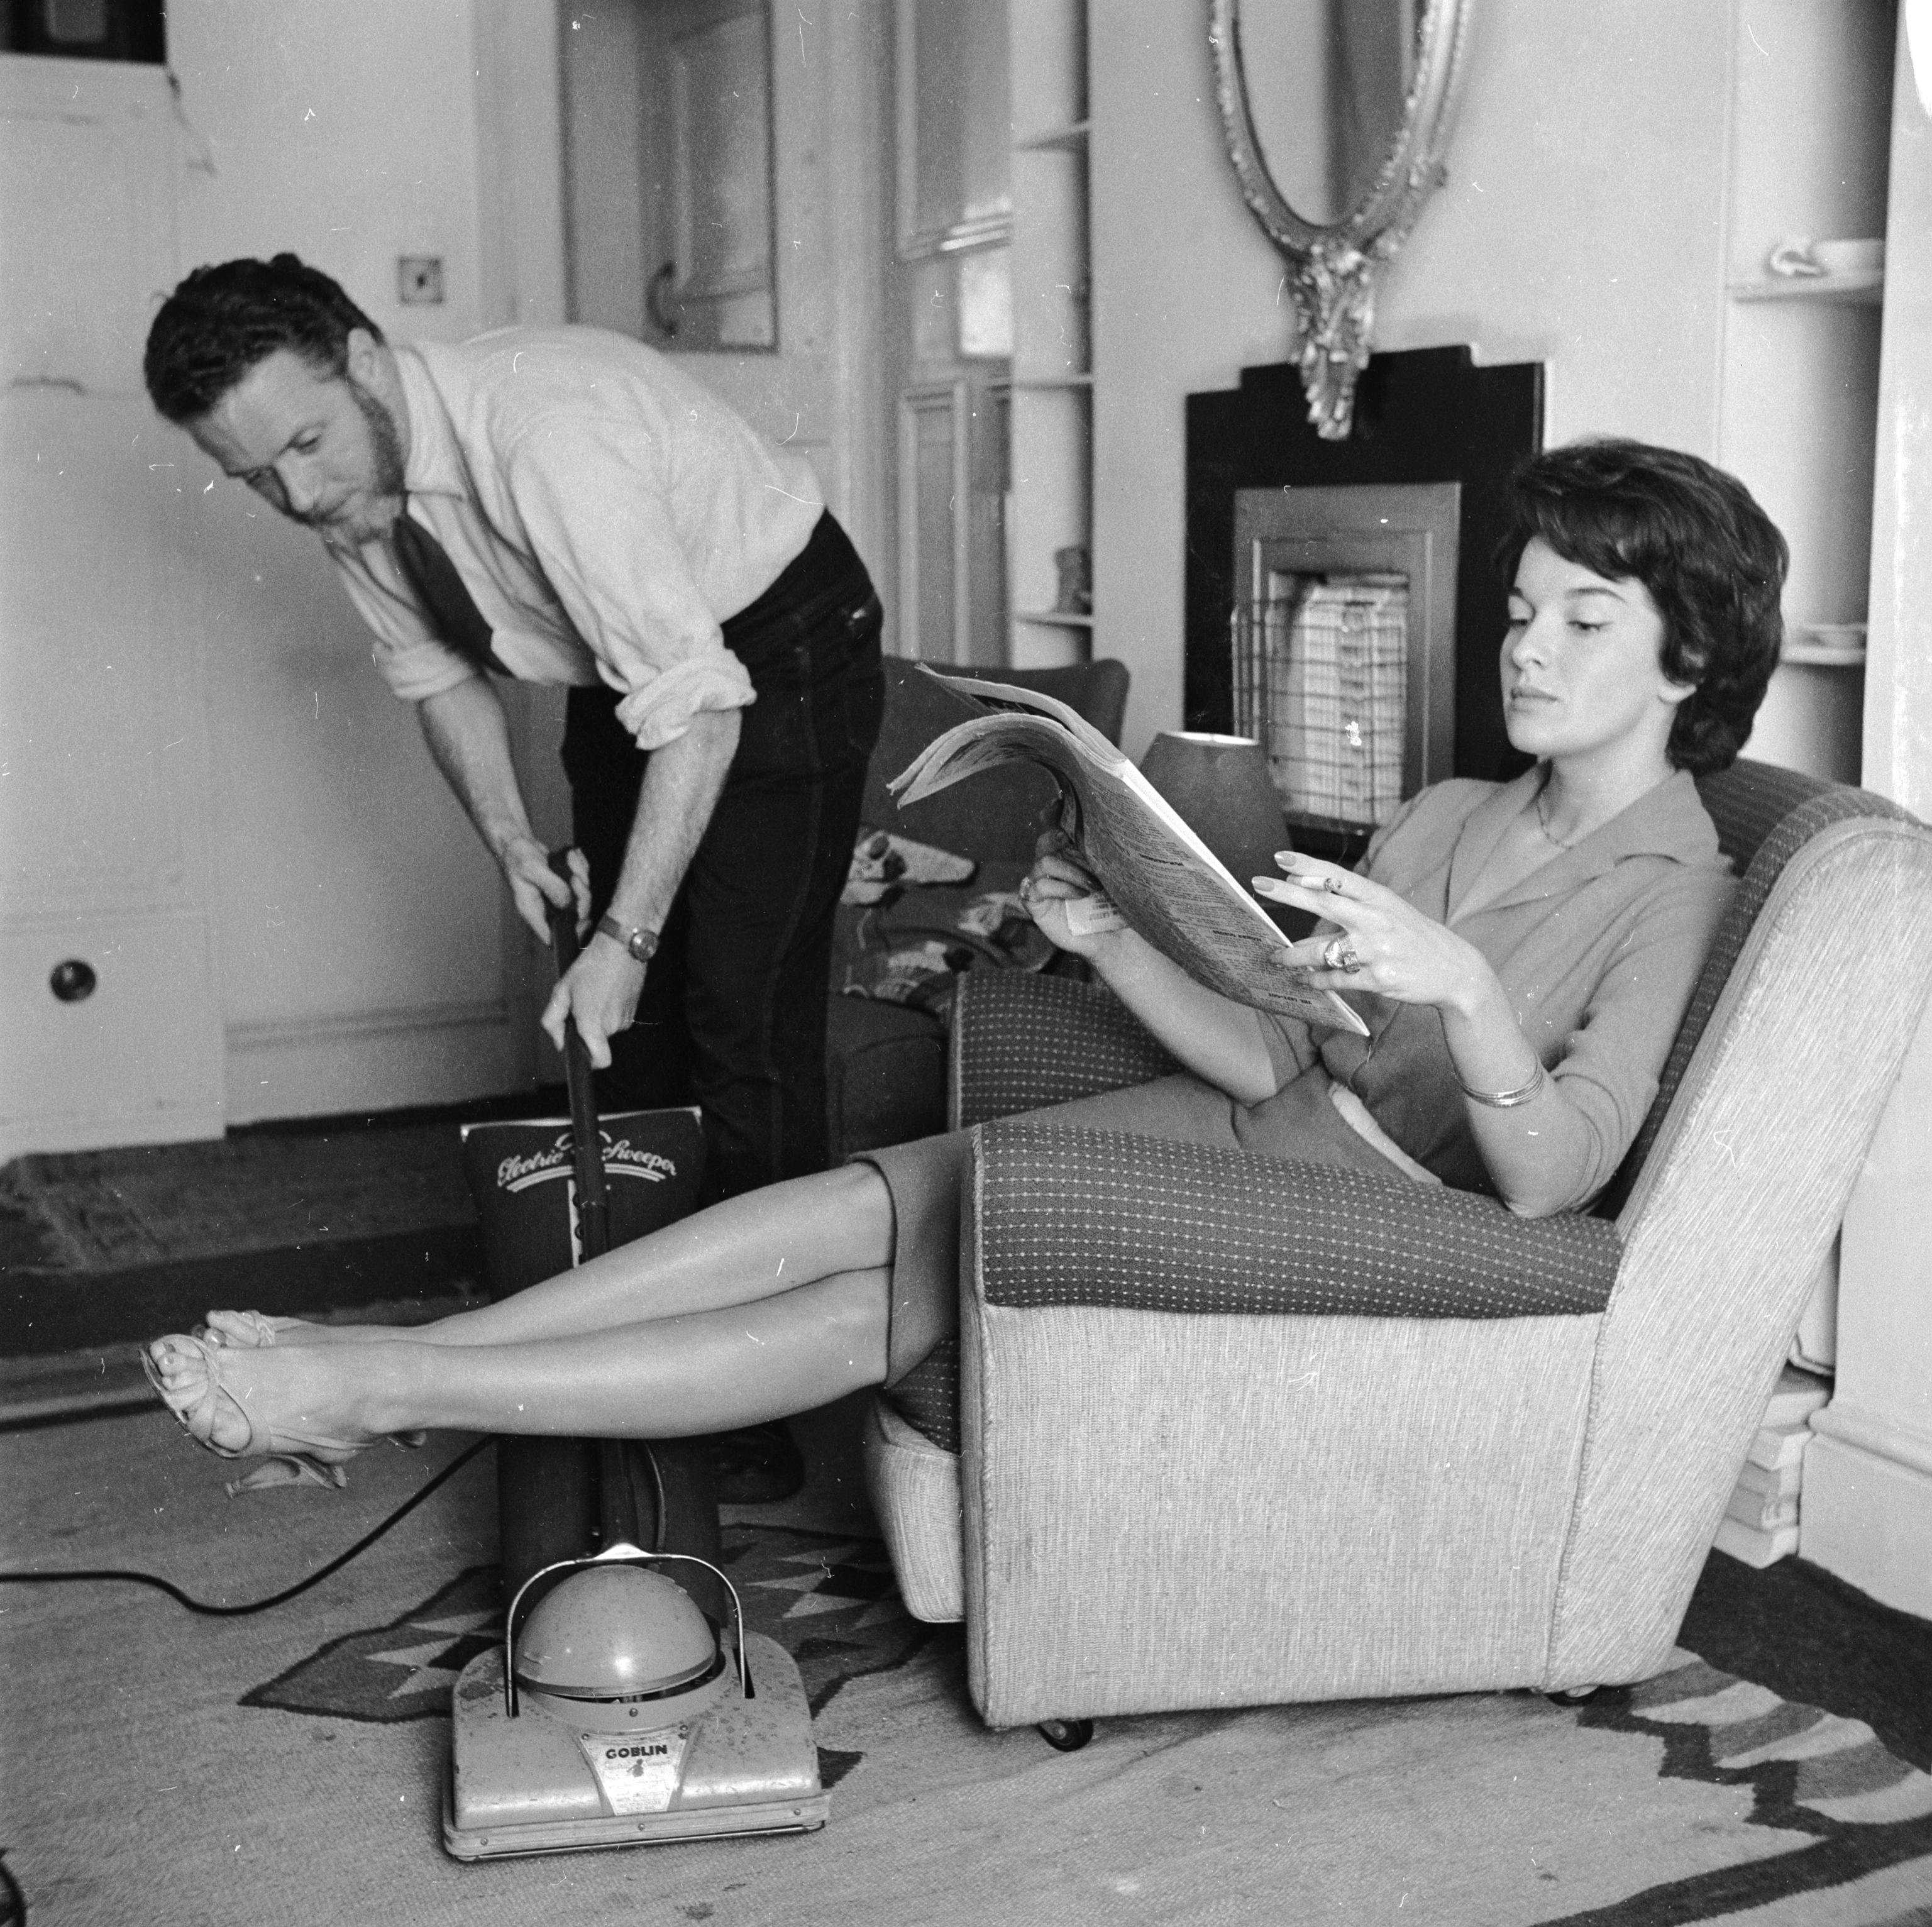 I 10 trucchi utilizzati dagli uomini per non fare le - Cosa piace alle donne a letto ...